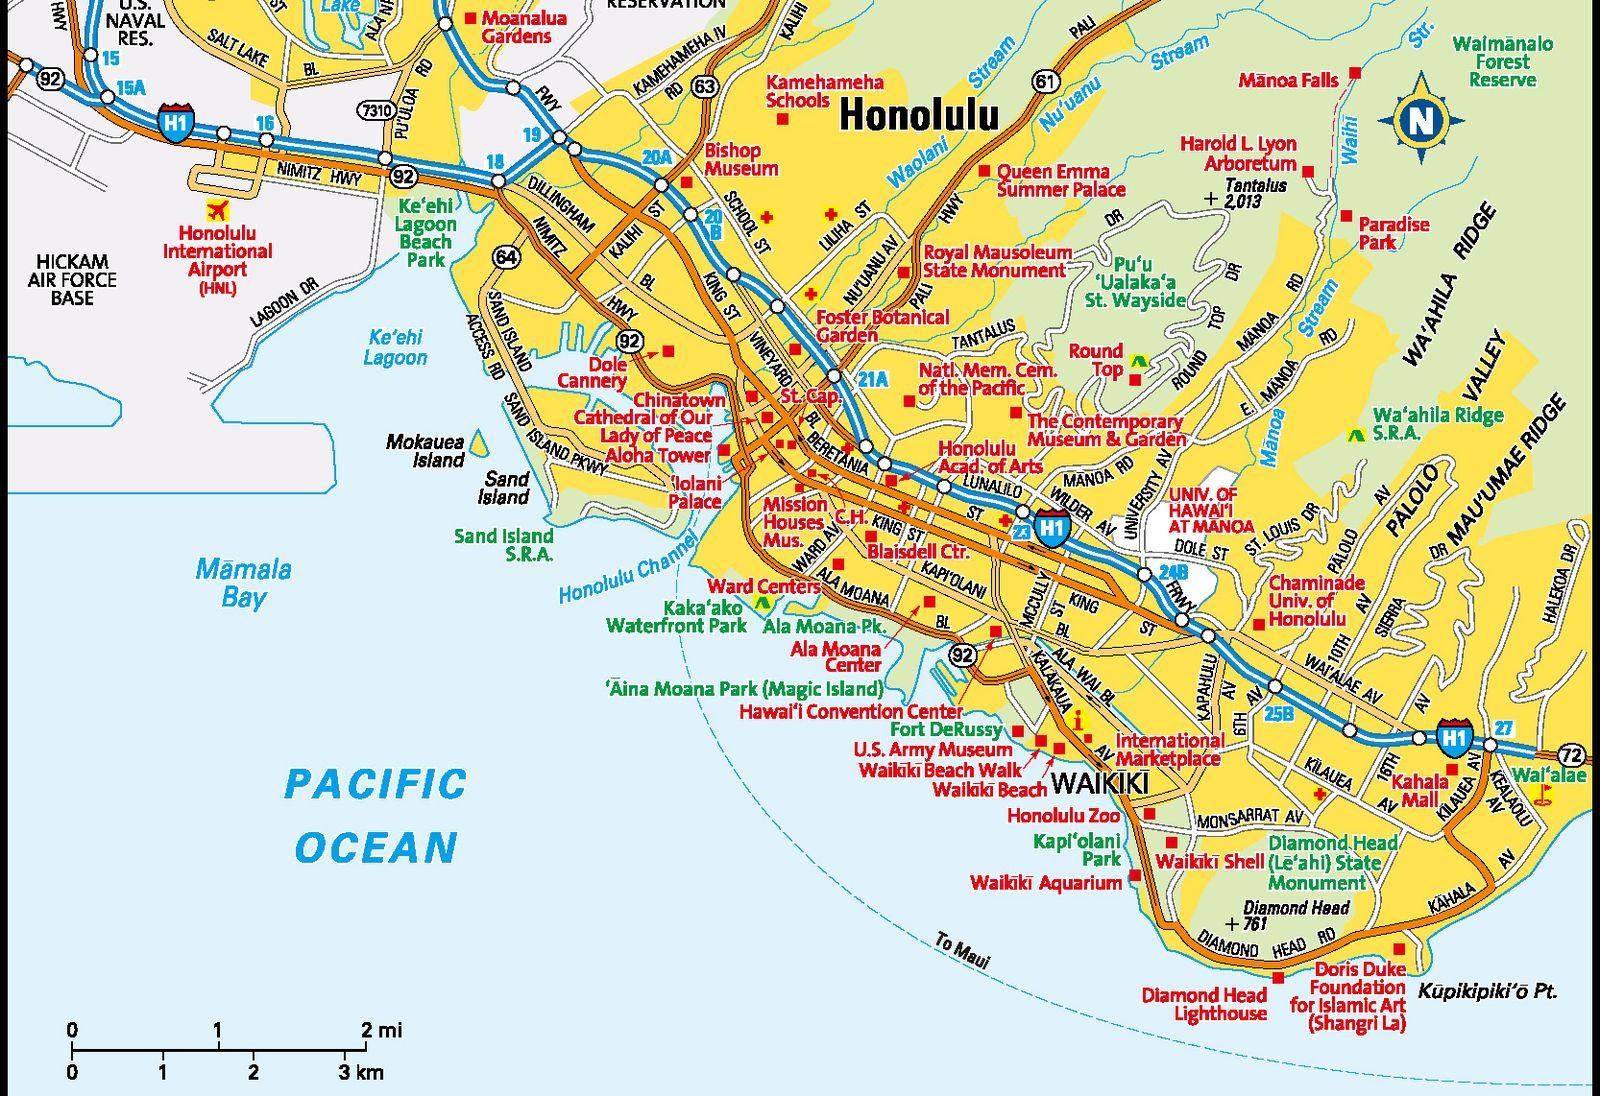 ハワイ諸島の玄関口、オアフ島の中心エリアと言えば、ワイキキビーチ。モアナサーフライダーやロイヤルハワイアンなどの老舗ホテルに、サーフィンのレジェンド、デューク・カハナモク像のある白くきれいなビーチに、次々と新顔の登場するショッピングセンターやレストランなど。いつ行っても懐かしく、かつ、いつ行っても新鮮な出会いがあるワイキキだけに、「別にそれ以上、行く先を拡げないでもいいんじゃない?」という方も多いかも。でも、せっかくだからもう少しだけ、足を伸ばしてみませんか? 今回は、破竹の勢いで開発が進み、ワクワクでいっぱいの3エリアについてご紹介します。